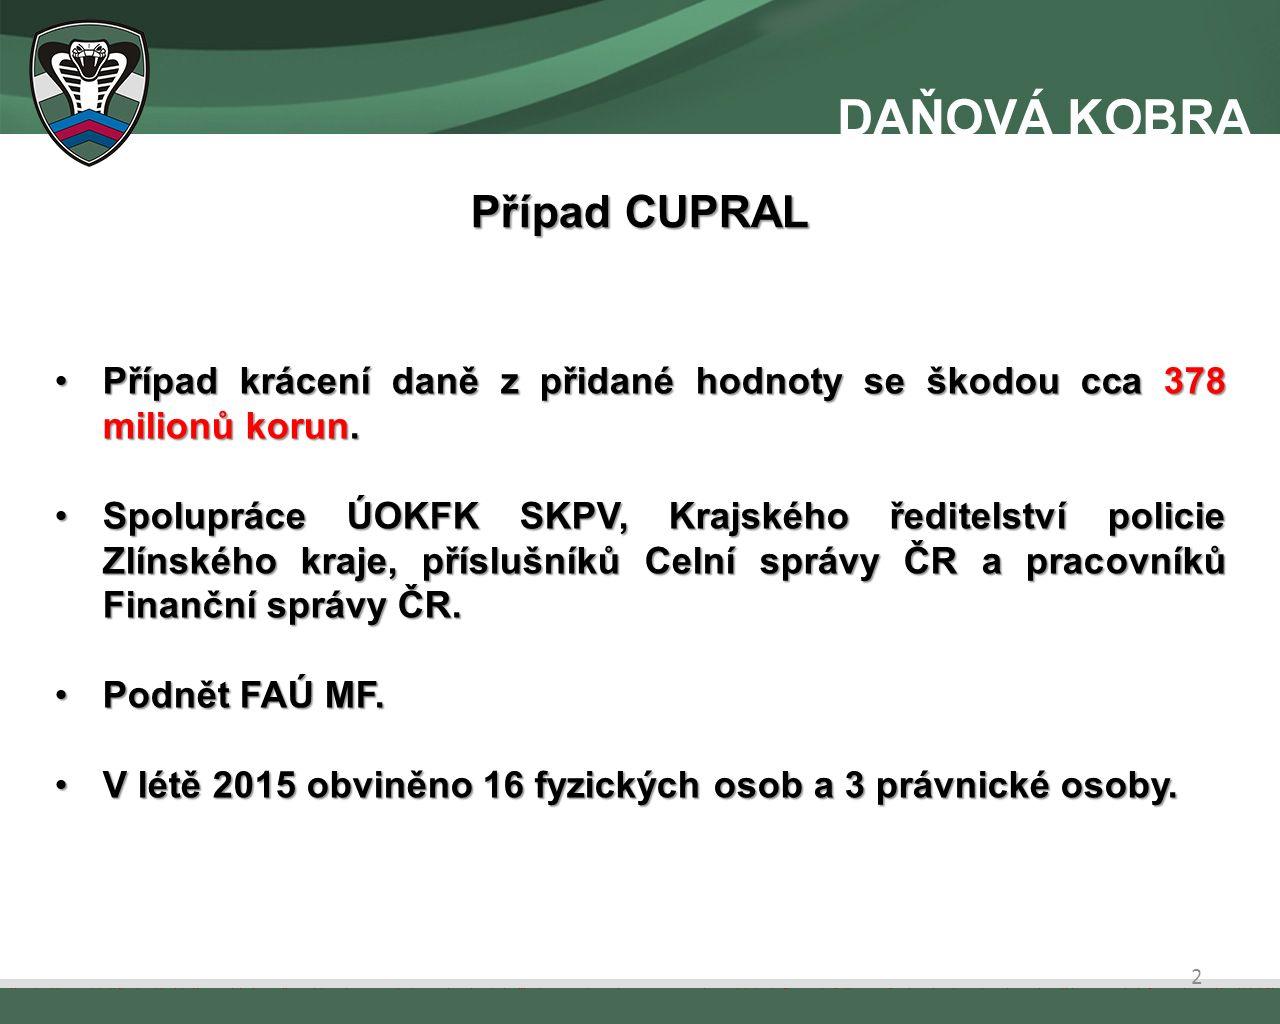 Případ CUPRAL Případ krácení daně z přidané hodnoty se škodou cca 378 milionů korun.Případ krácení daně z přidané hodnoty se škodou cca 378 milionů korun.